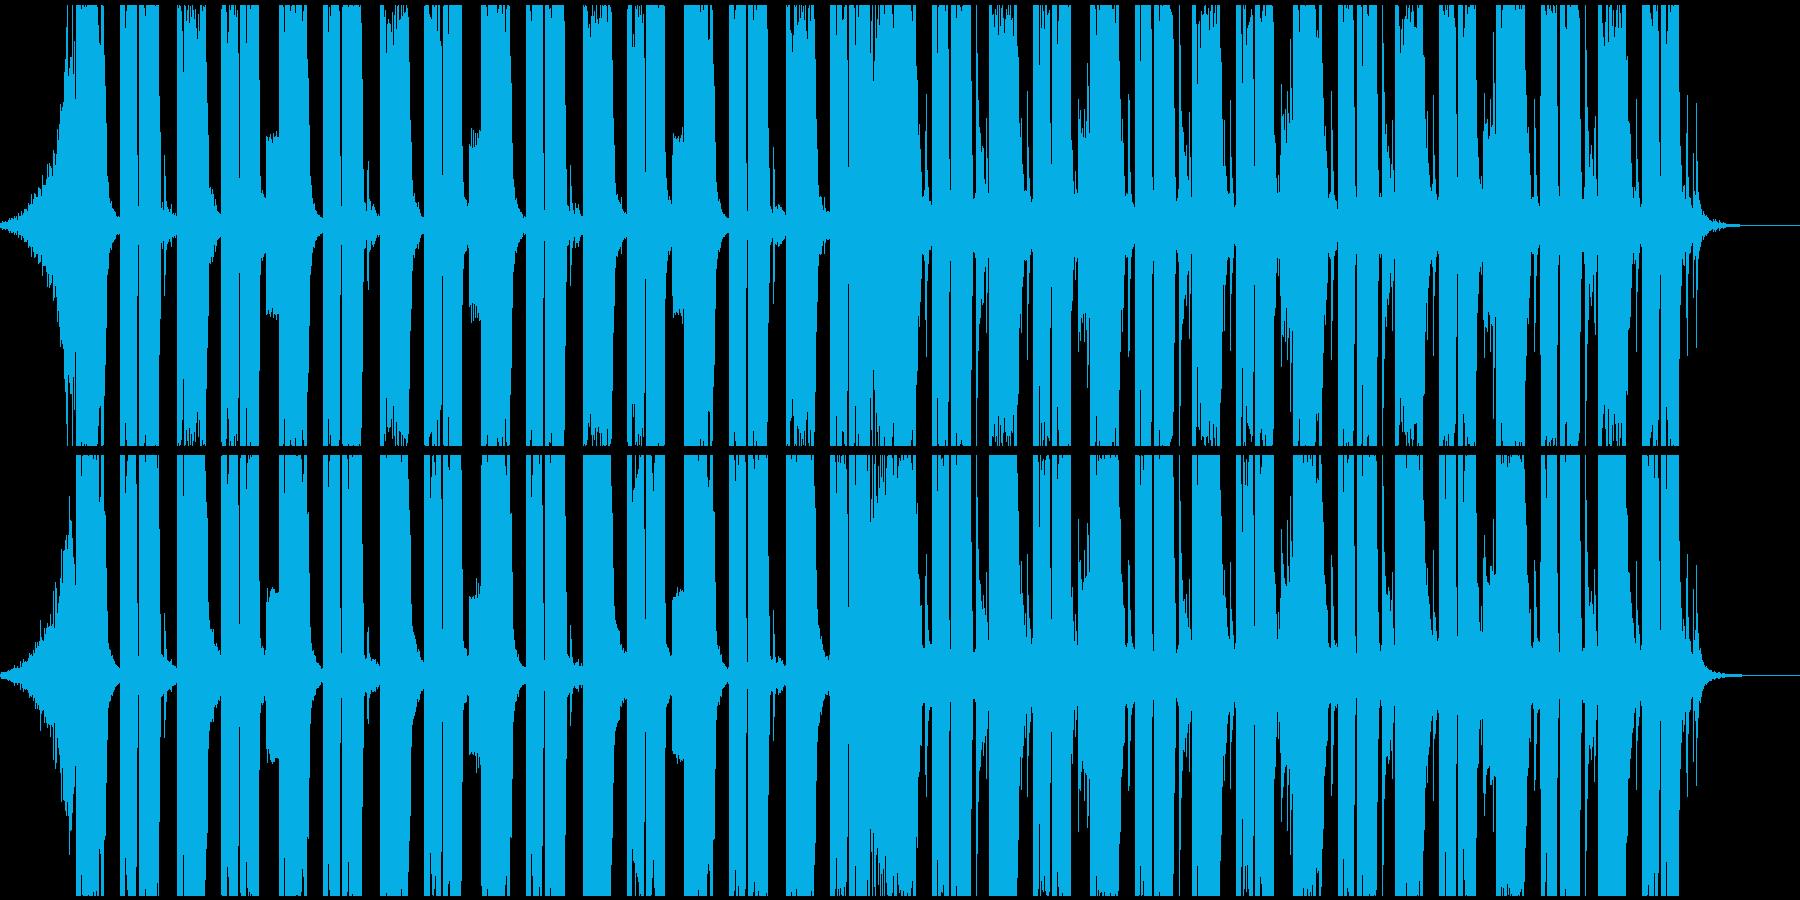 スローテンポのダブステップの再生済みの波形